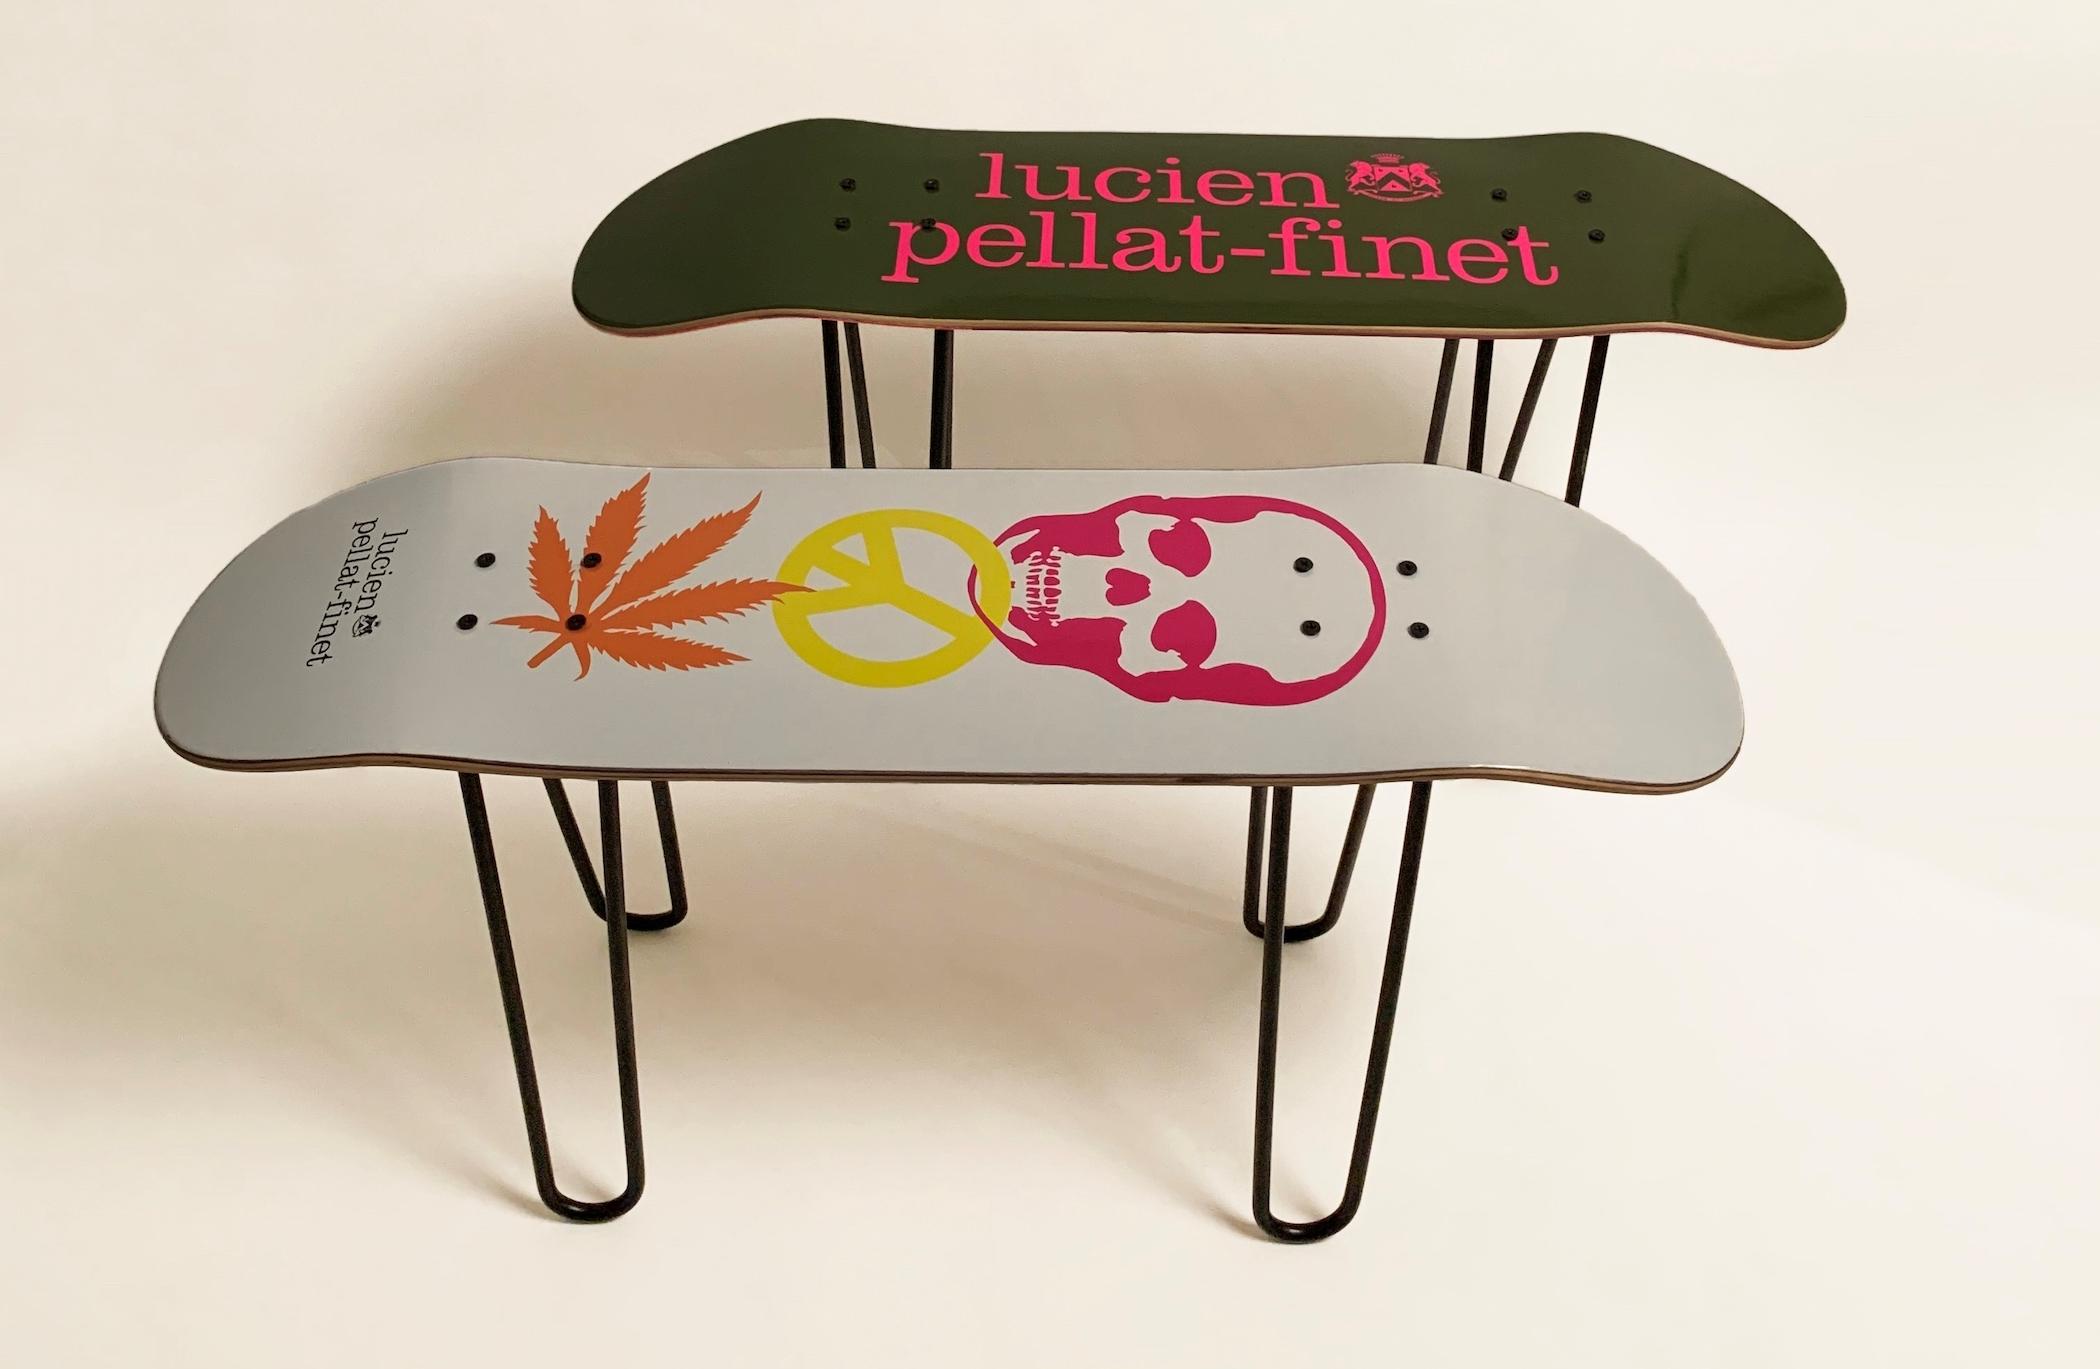 lucien pellat-finet、インテリアとしても使用可能なスケートボードデッキ発売